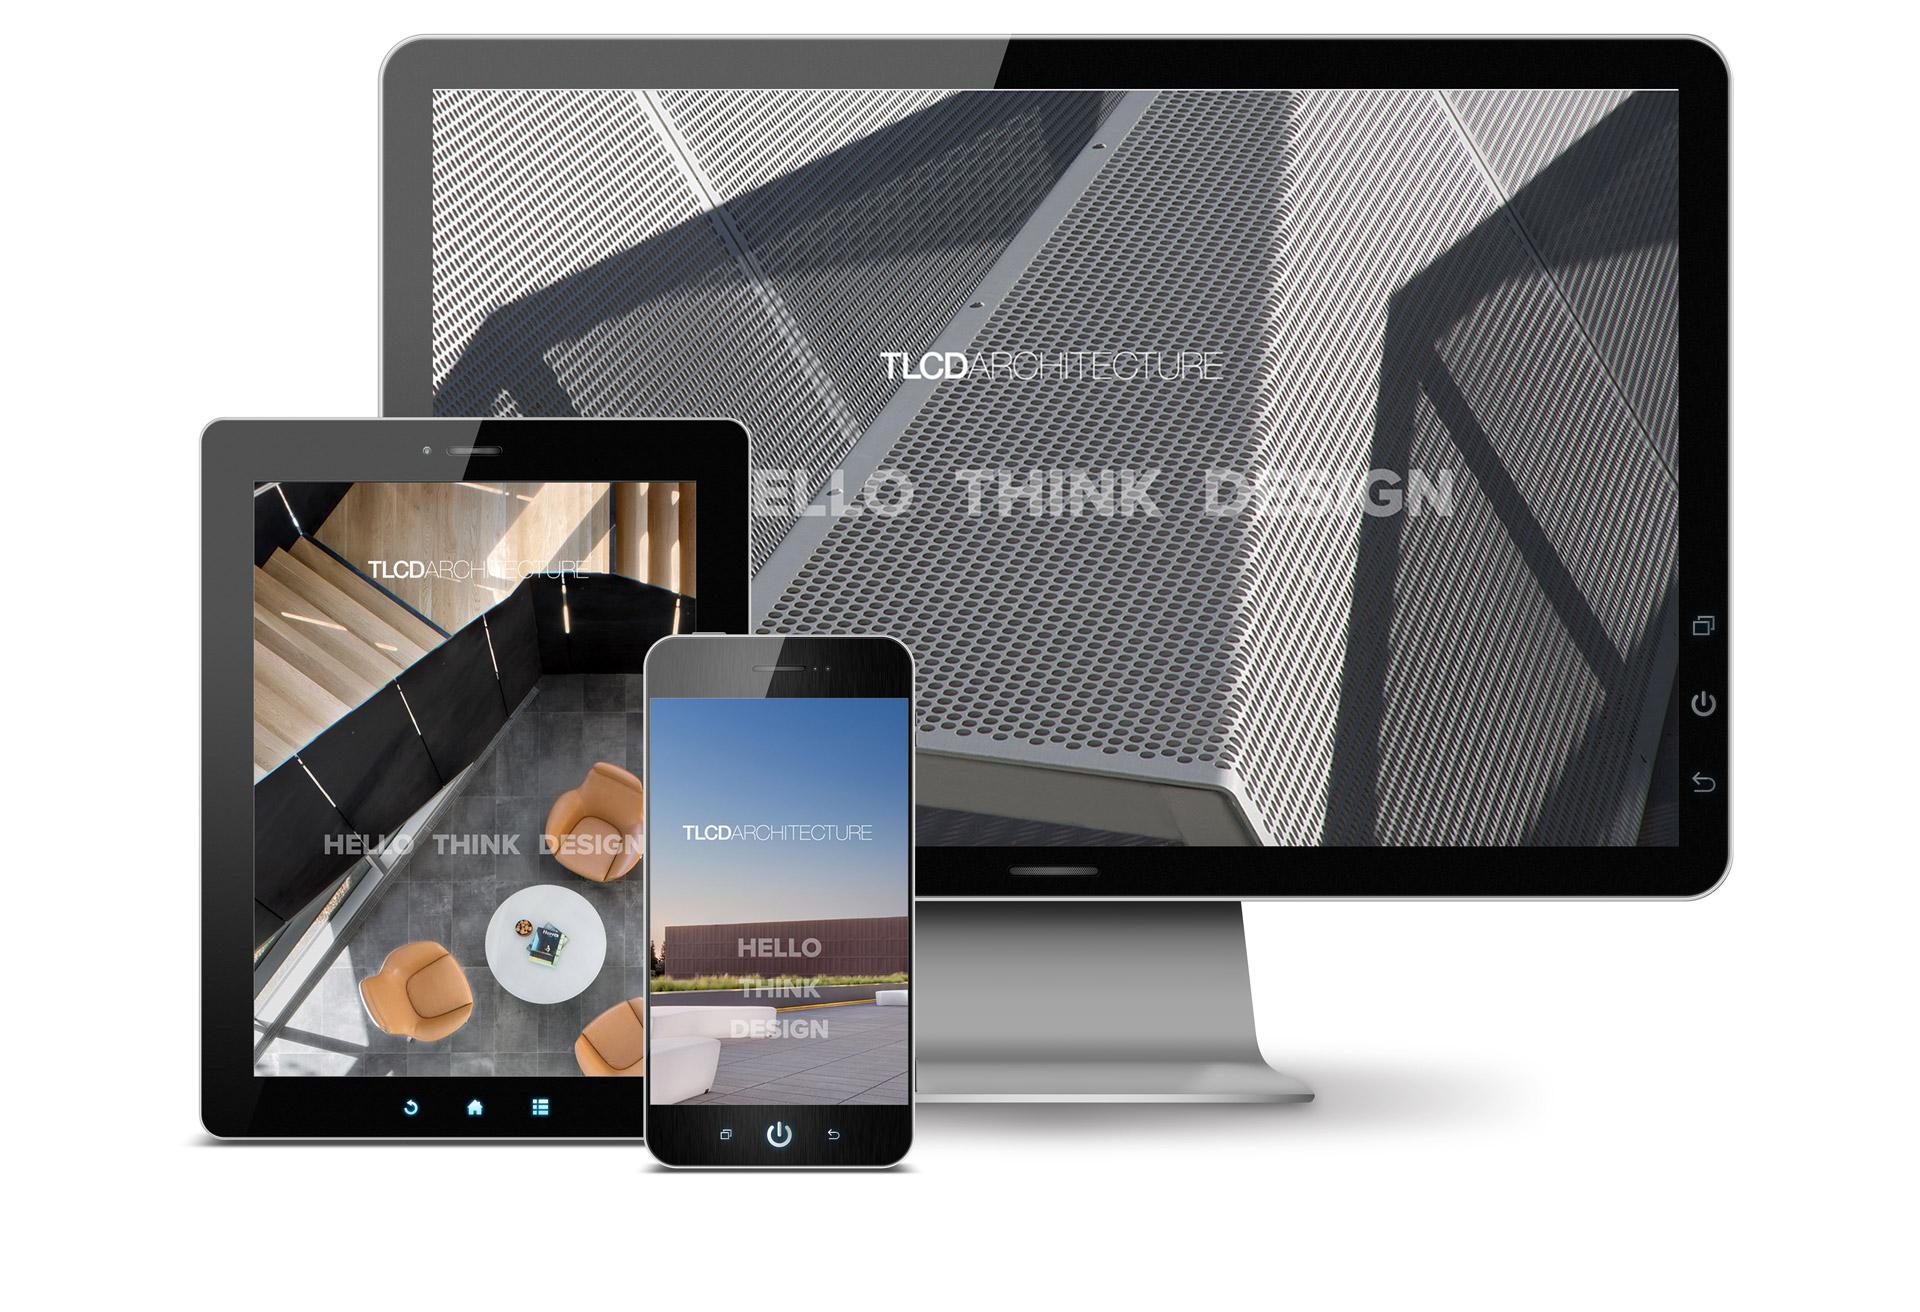 TLCDwebsite1.jpg